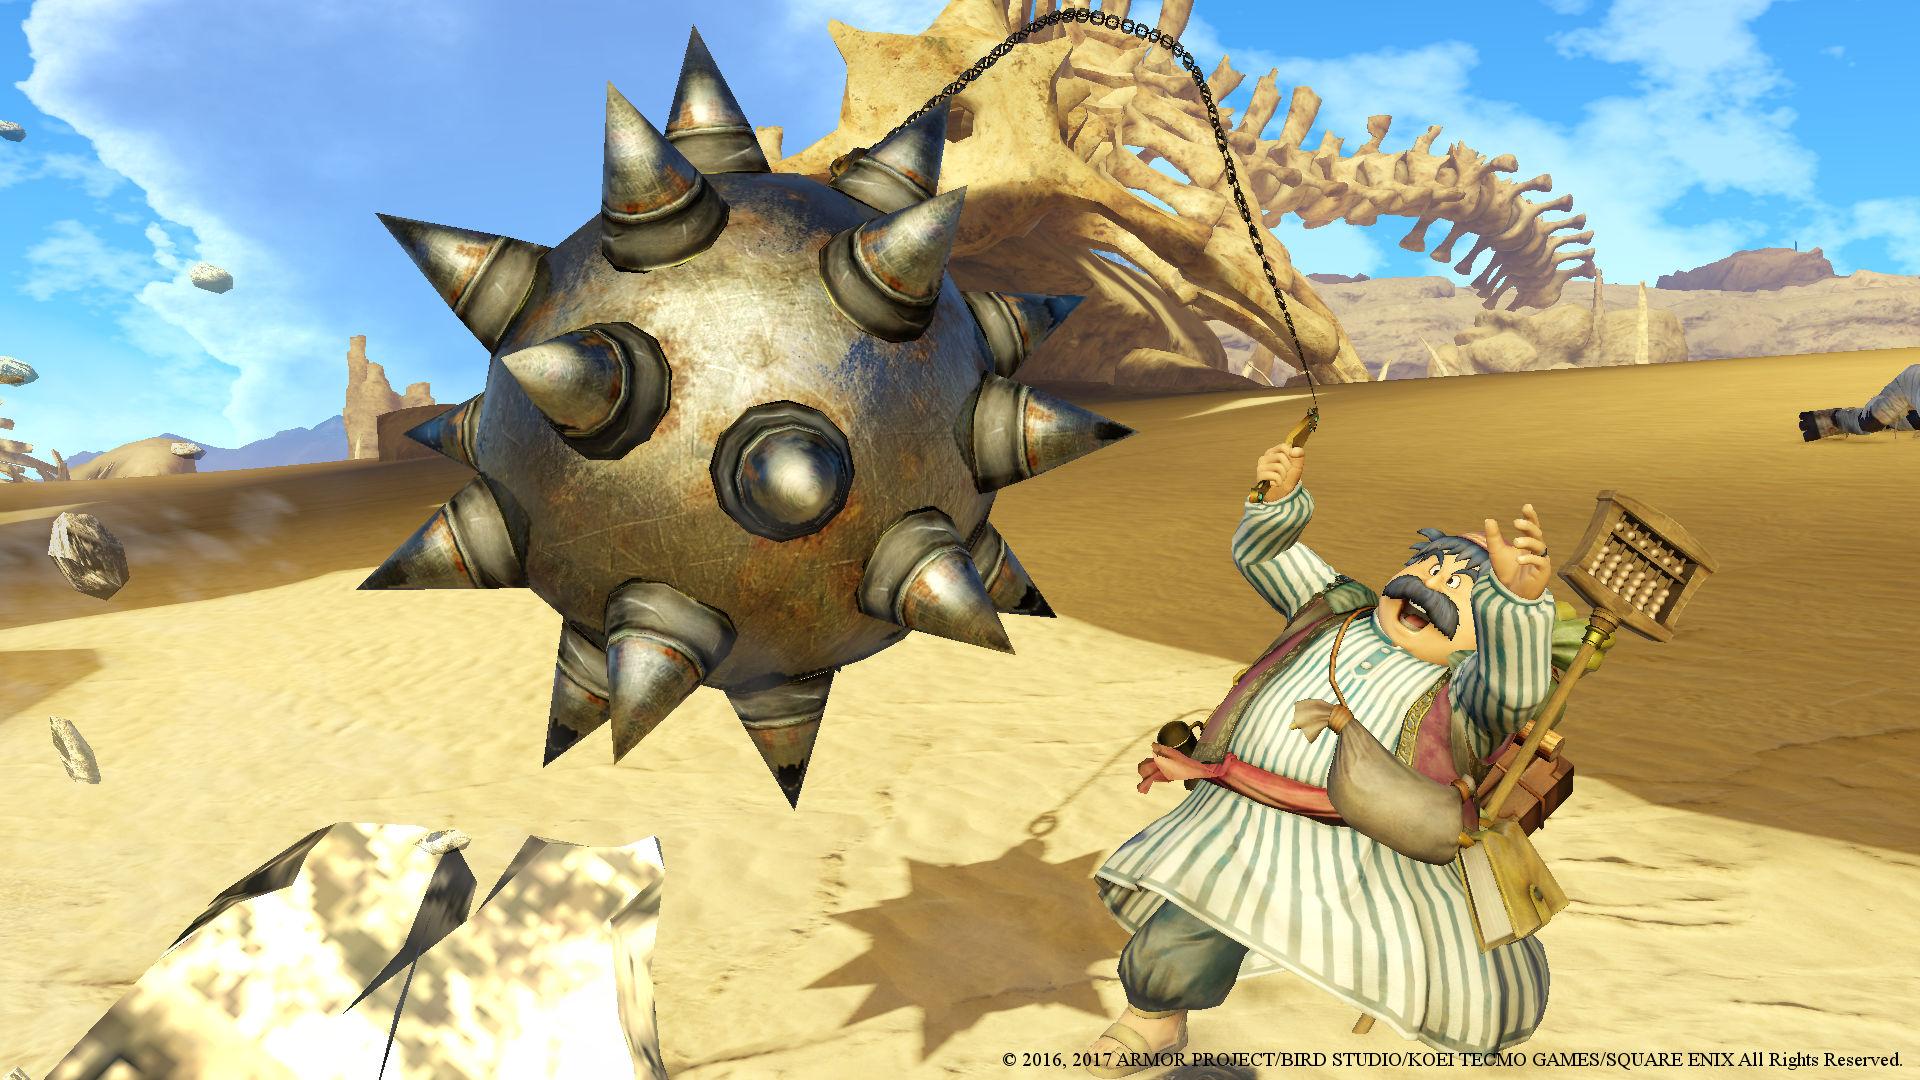 勇者斗恶龙:英雄2/Dragon Quest: Heroes Ⅱ插图19